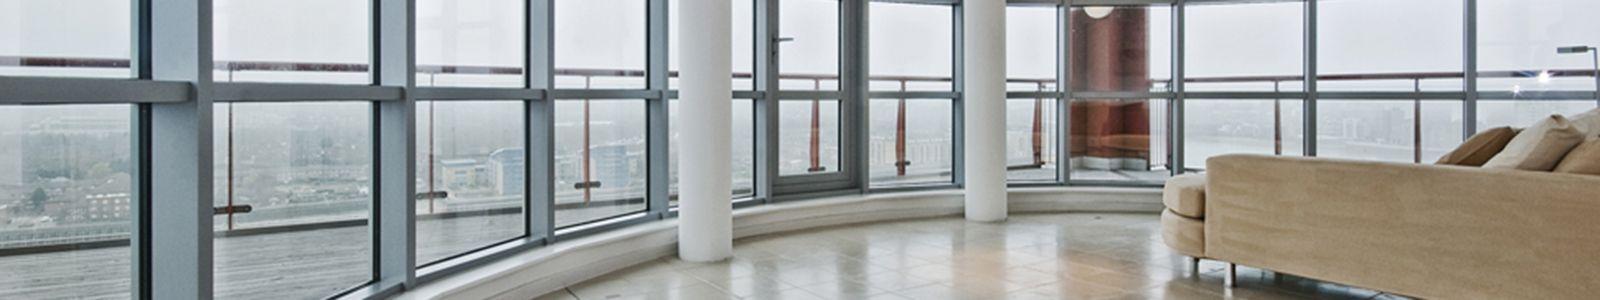 escaleras metlicas manyametal carpinteria de aluminio acero inoxidable valencia persianas y escaleras metalicas valencia